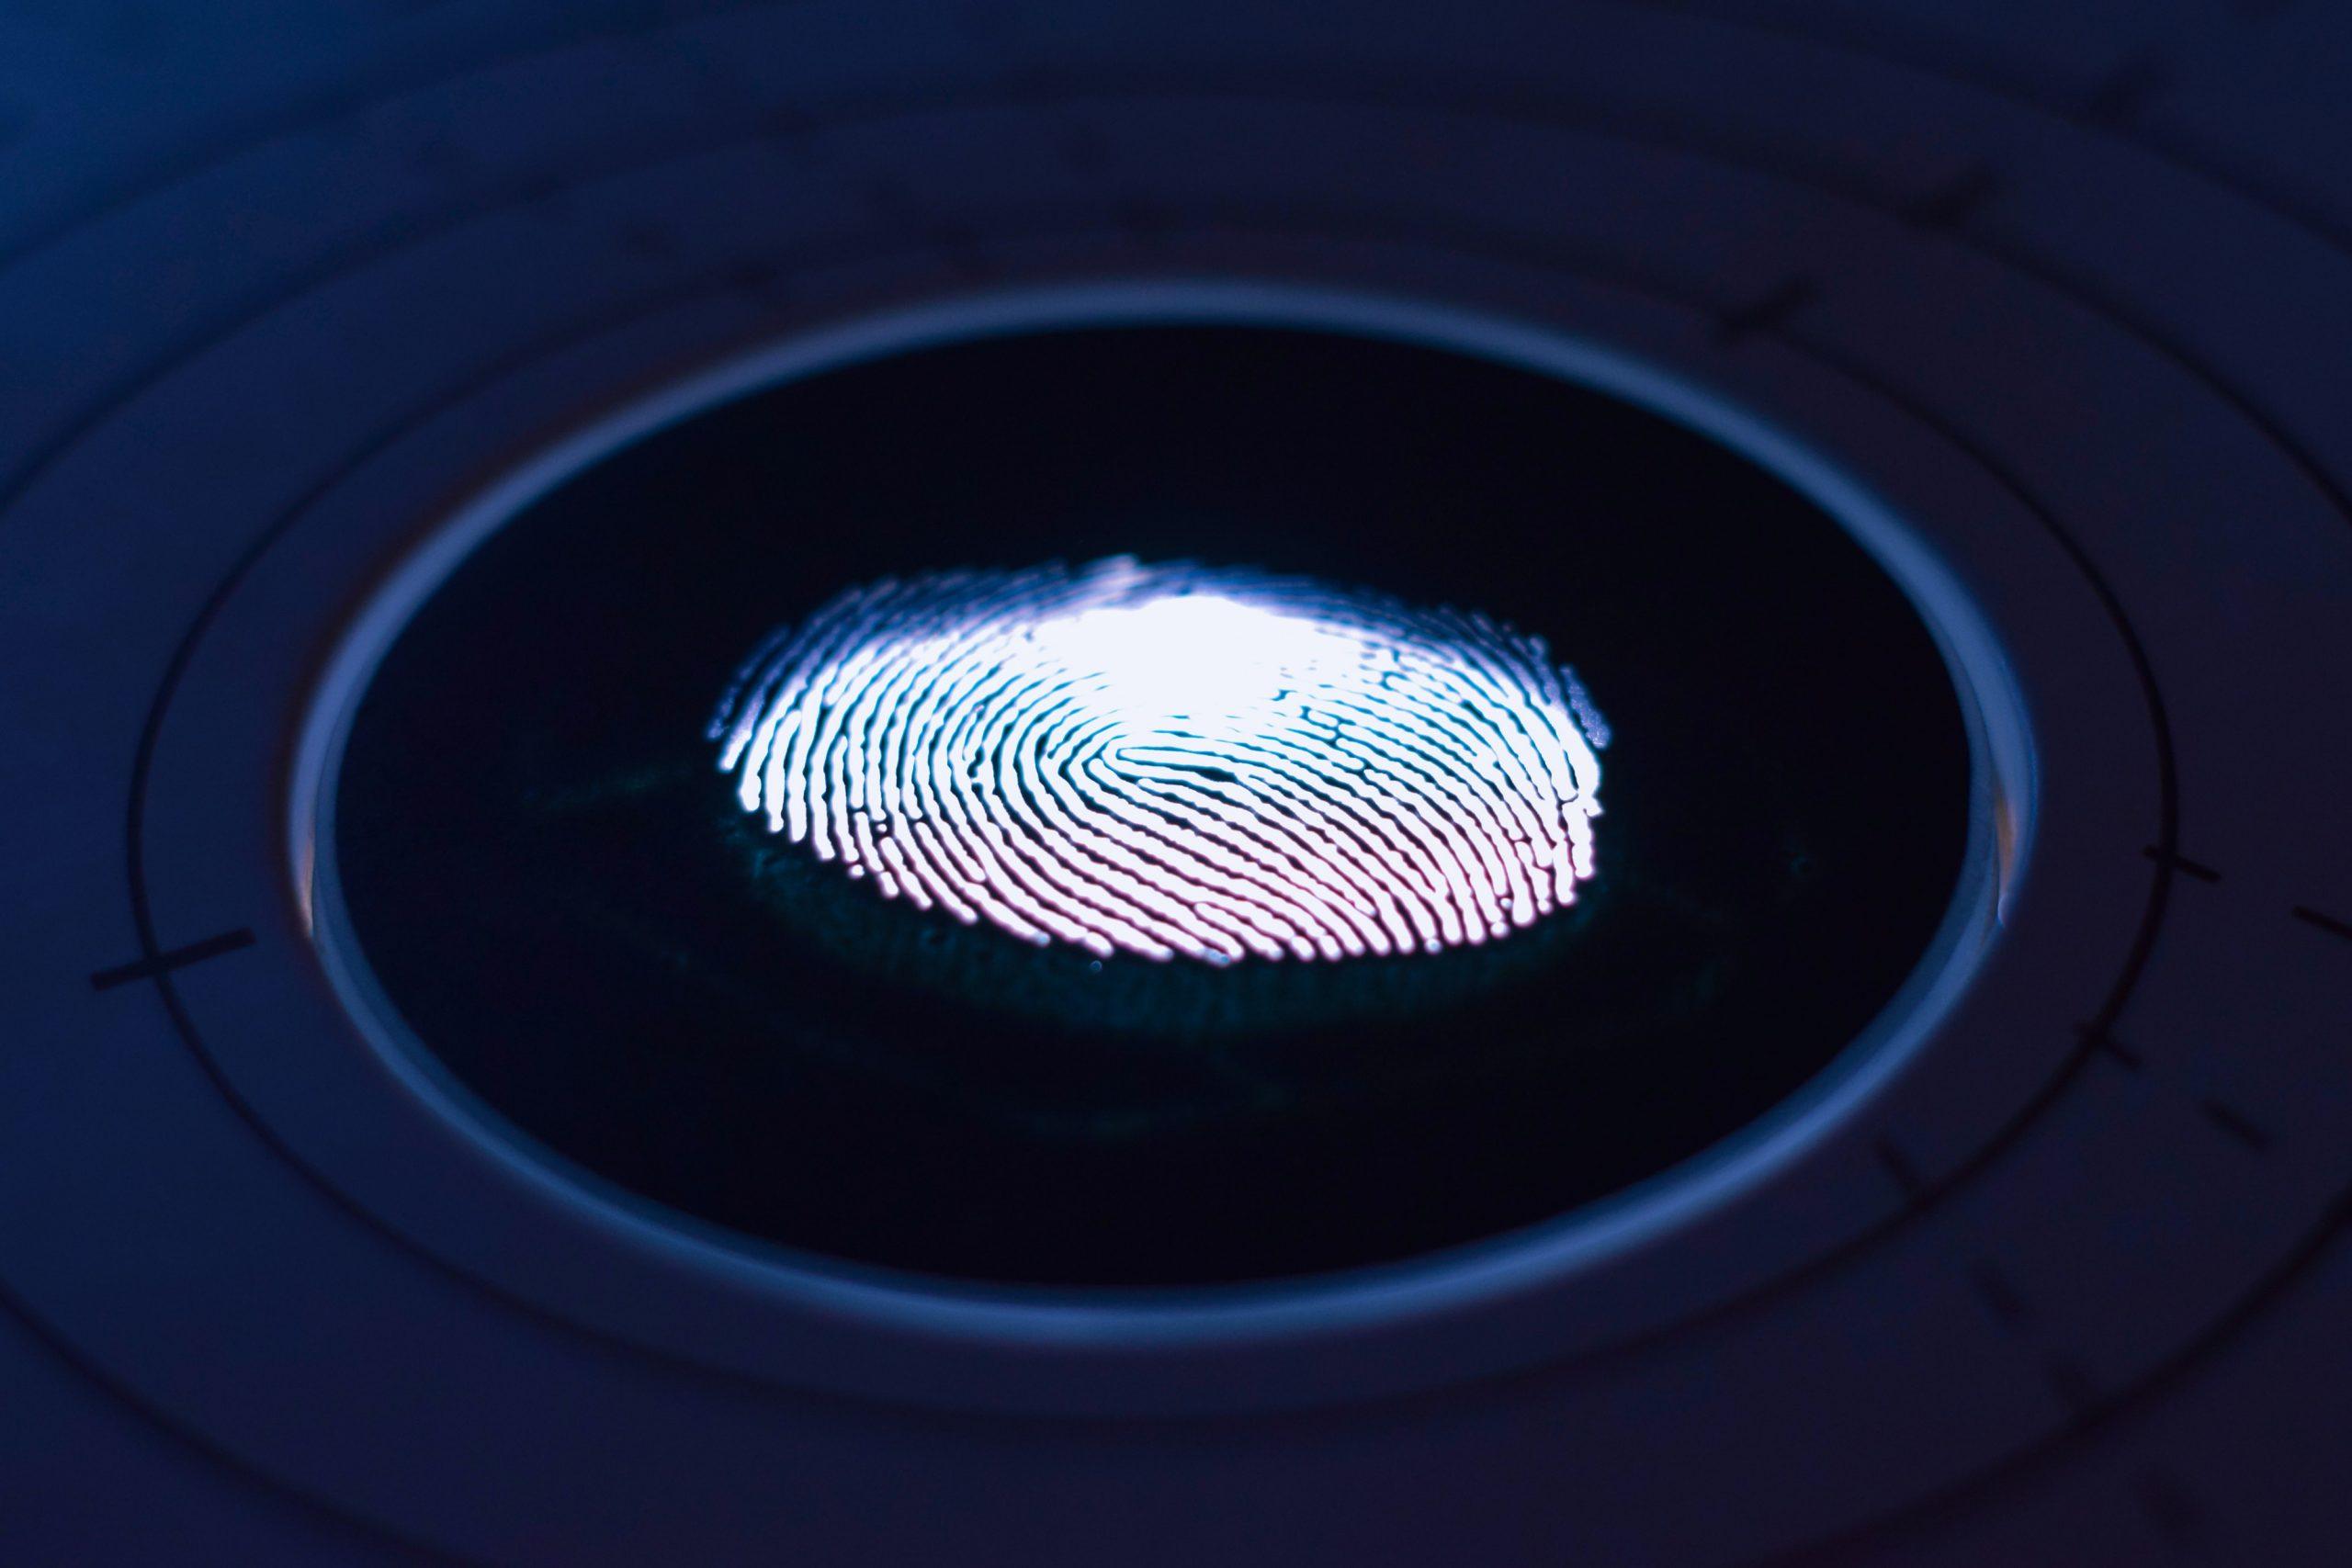 Sejarah teknologi sidik jari